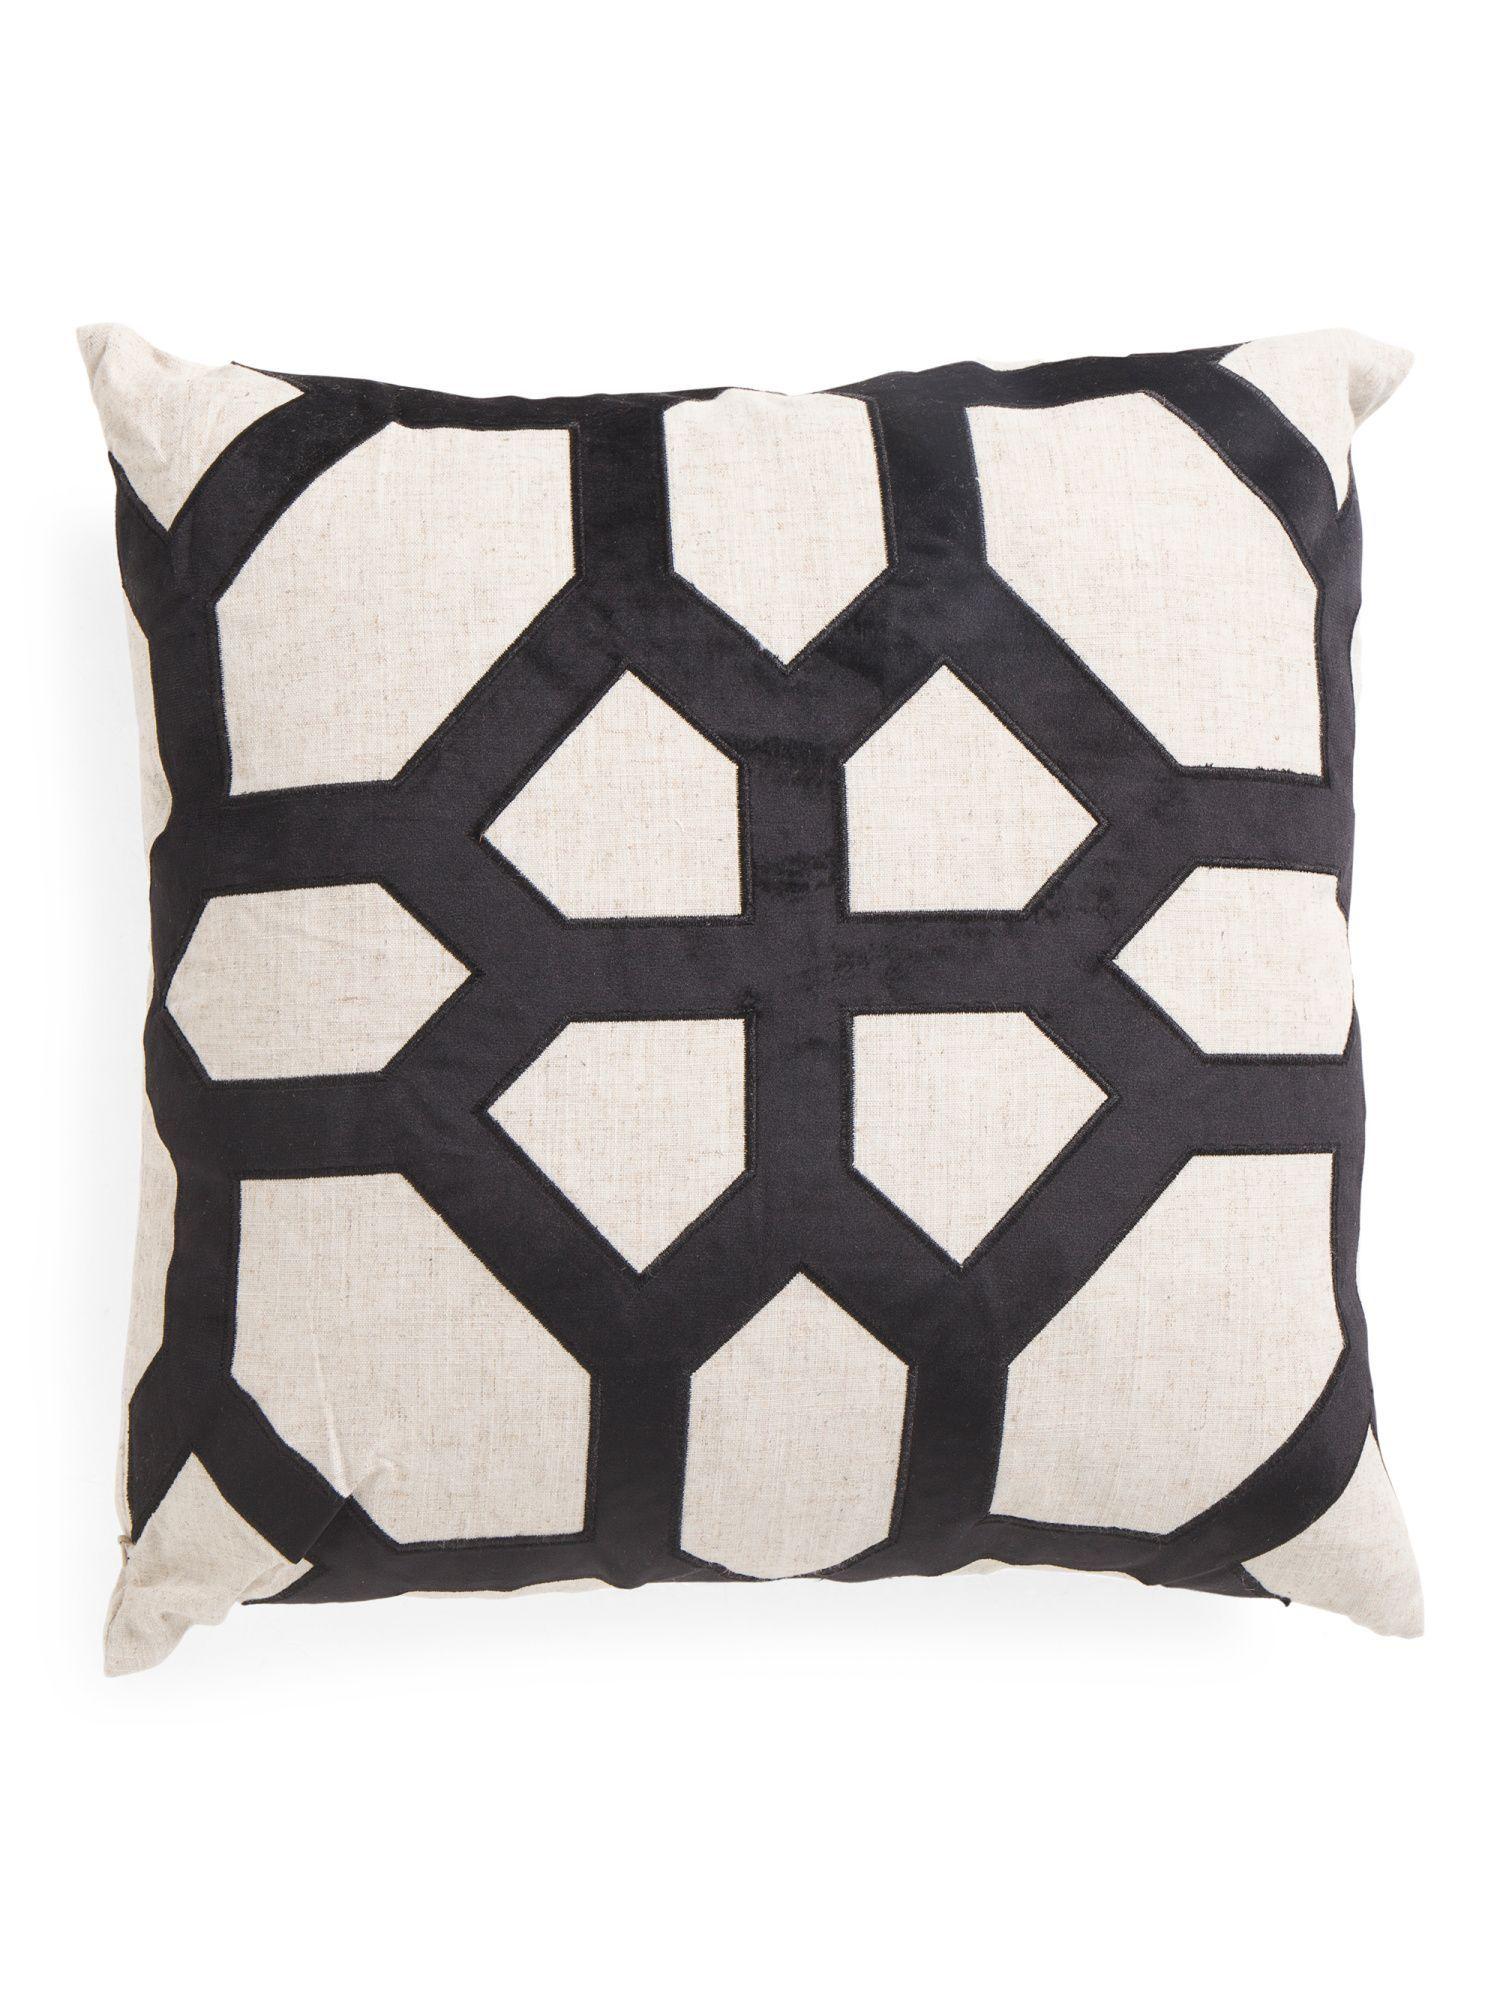 20x20 Parquet Faux Linen Pillow